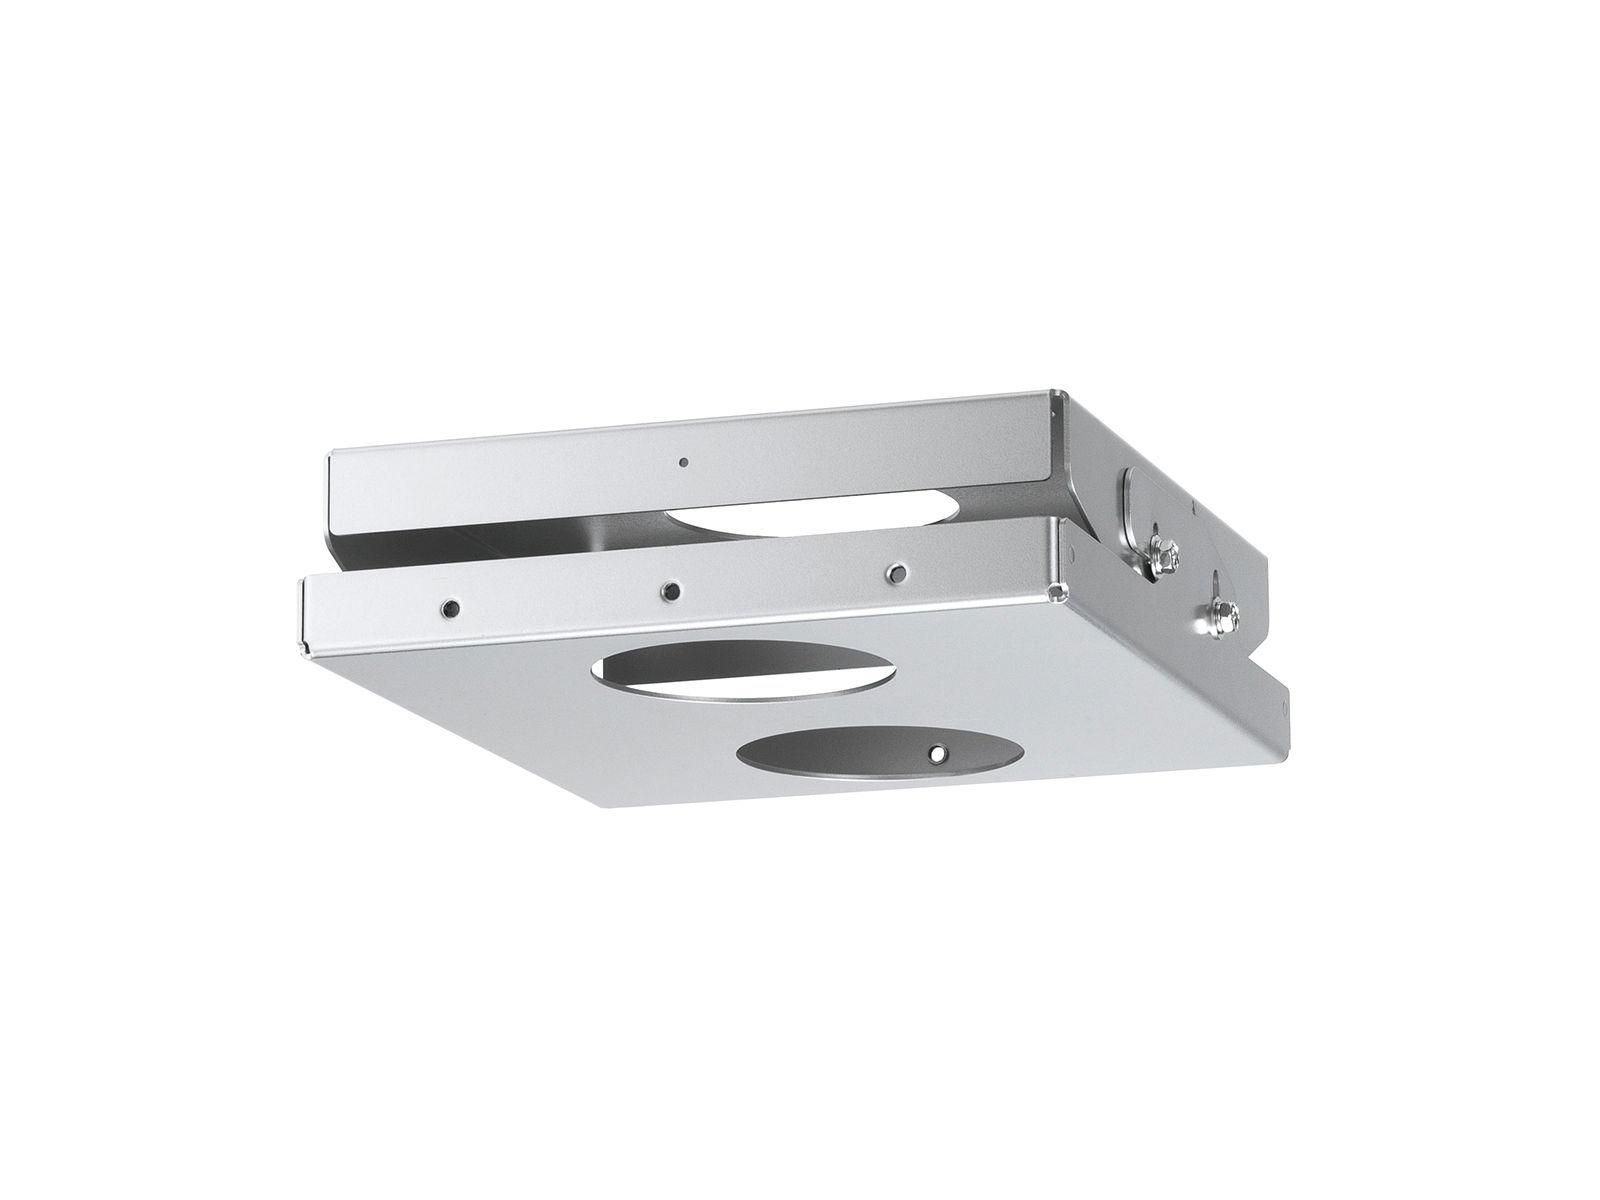 Panasonic ET-PKD120S | Deckenhalterung, kurz, PT-DX100/DW830/DZ870/, D4000/D5000/D5500/D5600/D5700/DW5000/DW5100/